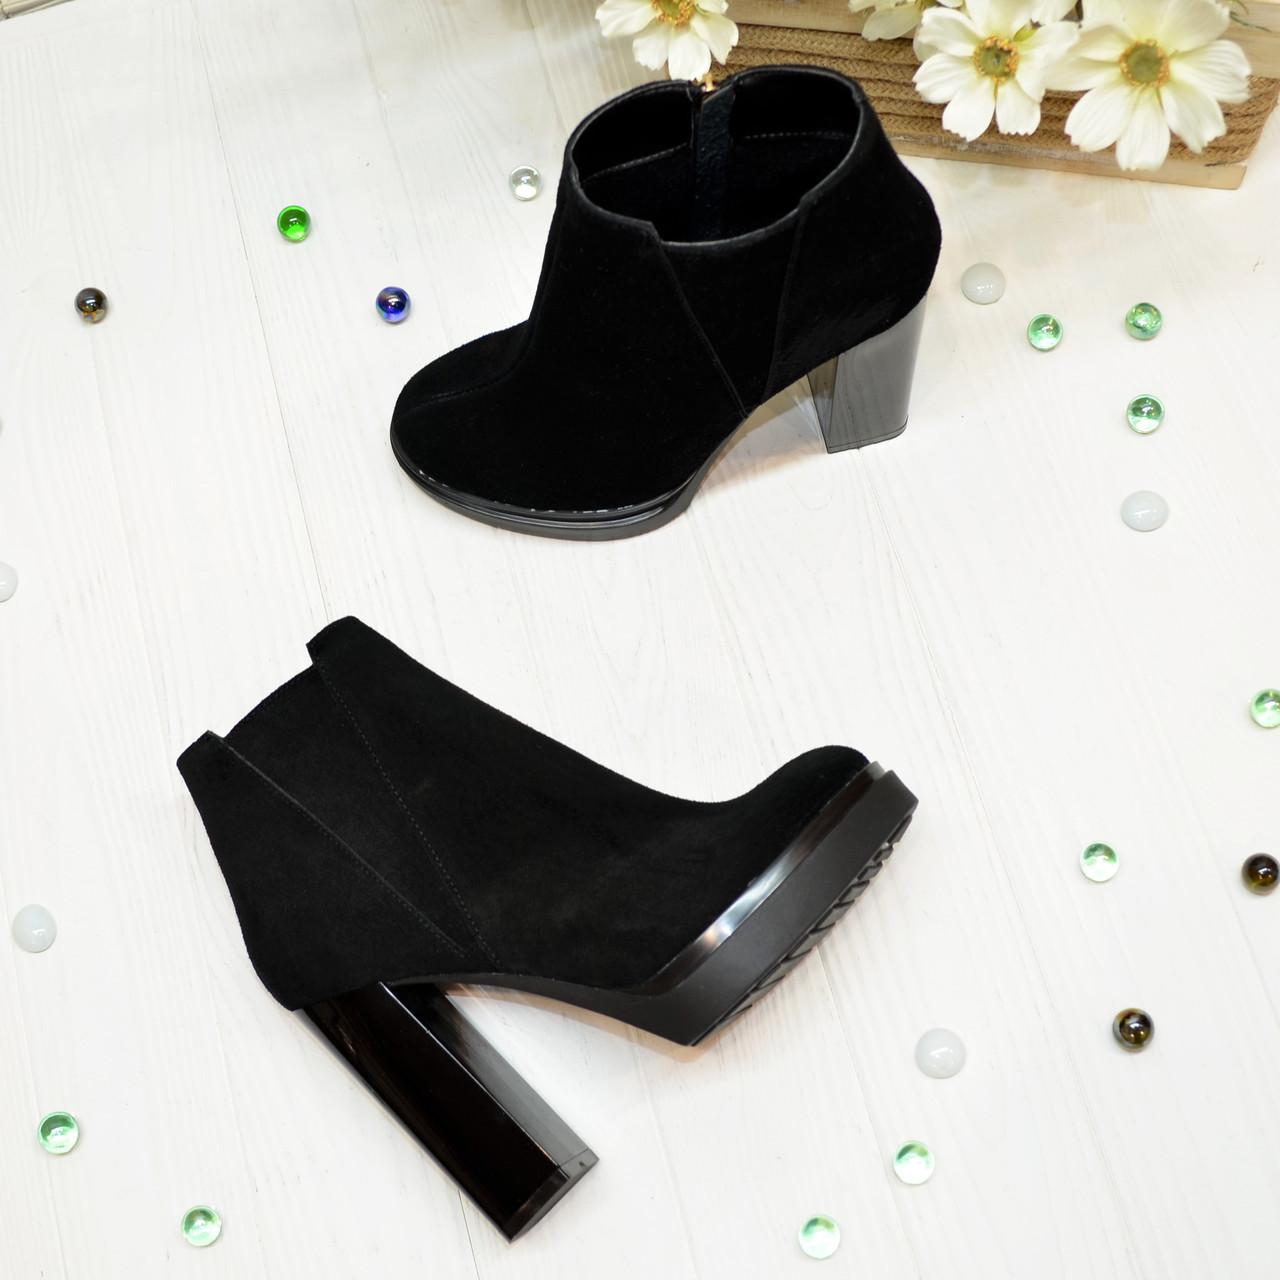 Ботинки демисезонные женские на устойчивом каблуке, натуральная черная замша